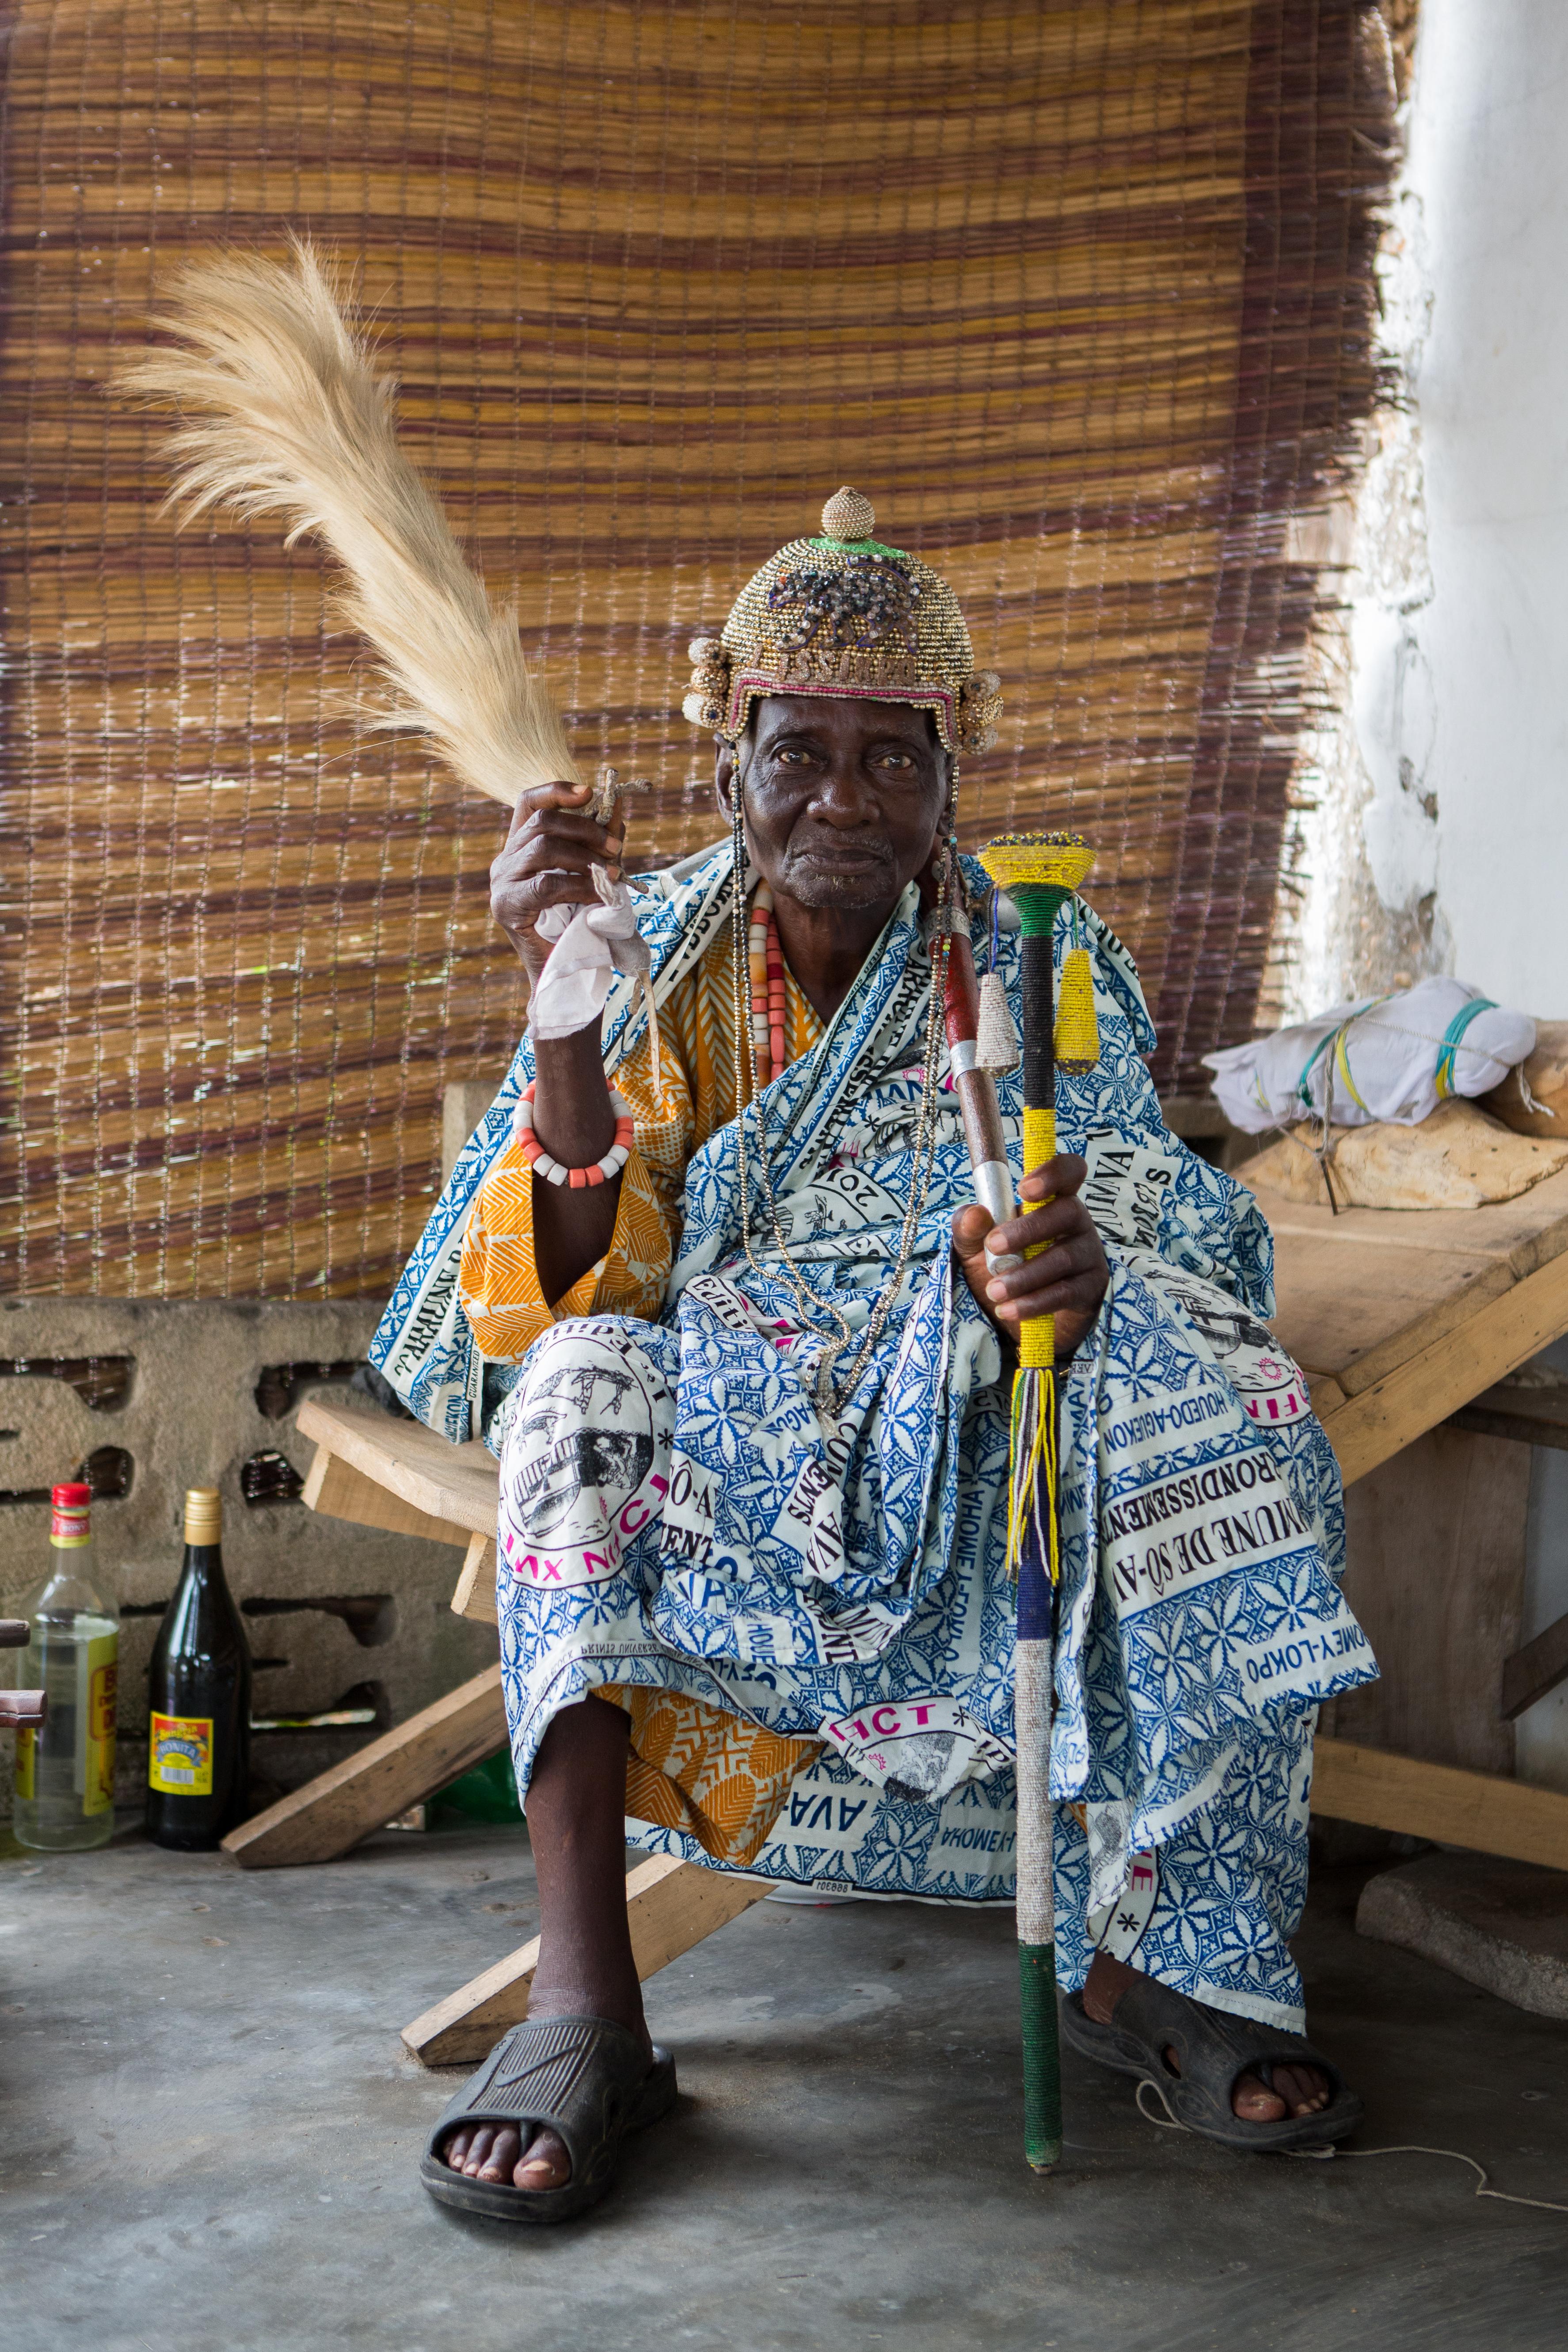 Ganvié. The king of Ganvié. Ganvié is a lakeside city in southern Benin that is part of the municipality of Sô-Ava in the Atlantic department, located on Lake Nokoué north of the metropolis of Cotonou, it is listed since 1996 on the indicative list ofUNESCO but it is not yet classified. Ganvié is one of the six projects included in the 2016-2021 Government Action Program (GAP) to develop tourism. The cost of the project is estimated at 20 billion CFA francs (about 30.5 million euros).It includes sanitation and cleaning of the lake (from mid-2018 to the end of 2019. Ganvié 1, Benin - March 28, 2018. Vie sur l'eau à Ganvié.  Le roi de ganvié. Ganviéest unecité lacustredu sud duBénin qui fait partie de lacommunedeSô-Avadans ledépartement de l'Atlantique, situé sur lelac Nokouéau nord de la métropole deCotonou, elle est inscrite depuis 1996 sur la liste indicative de l'UNESCO mais elle n'est pas encore classée. Ganvié fait partie des six projets retenus dans le Programme d'actions du gouvernement (PAG) 2016-2021 pourdévelopper le tourisme. Le coût du projet est estimé à 20milliards de FCFA (près de 30,5millions d'euros). Il comprend l'assainissement et le curage du lac (de la mi-2018 à la fin de 2019. Ganvié 1, Bénin- 28 mars 2018., 2018.